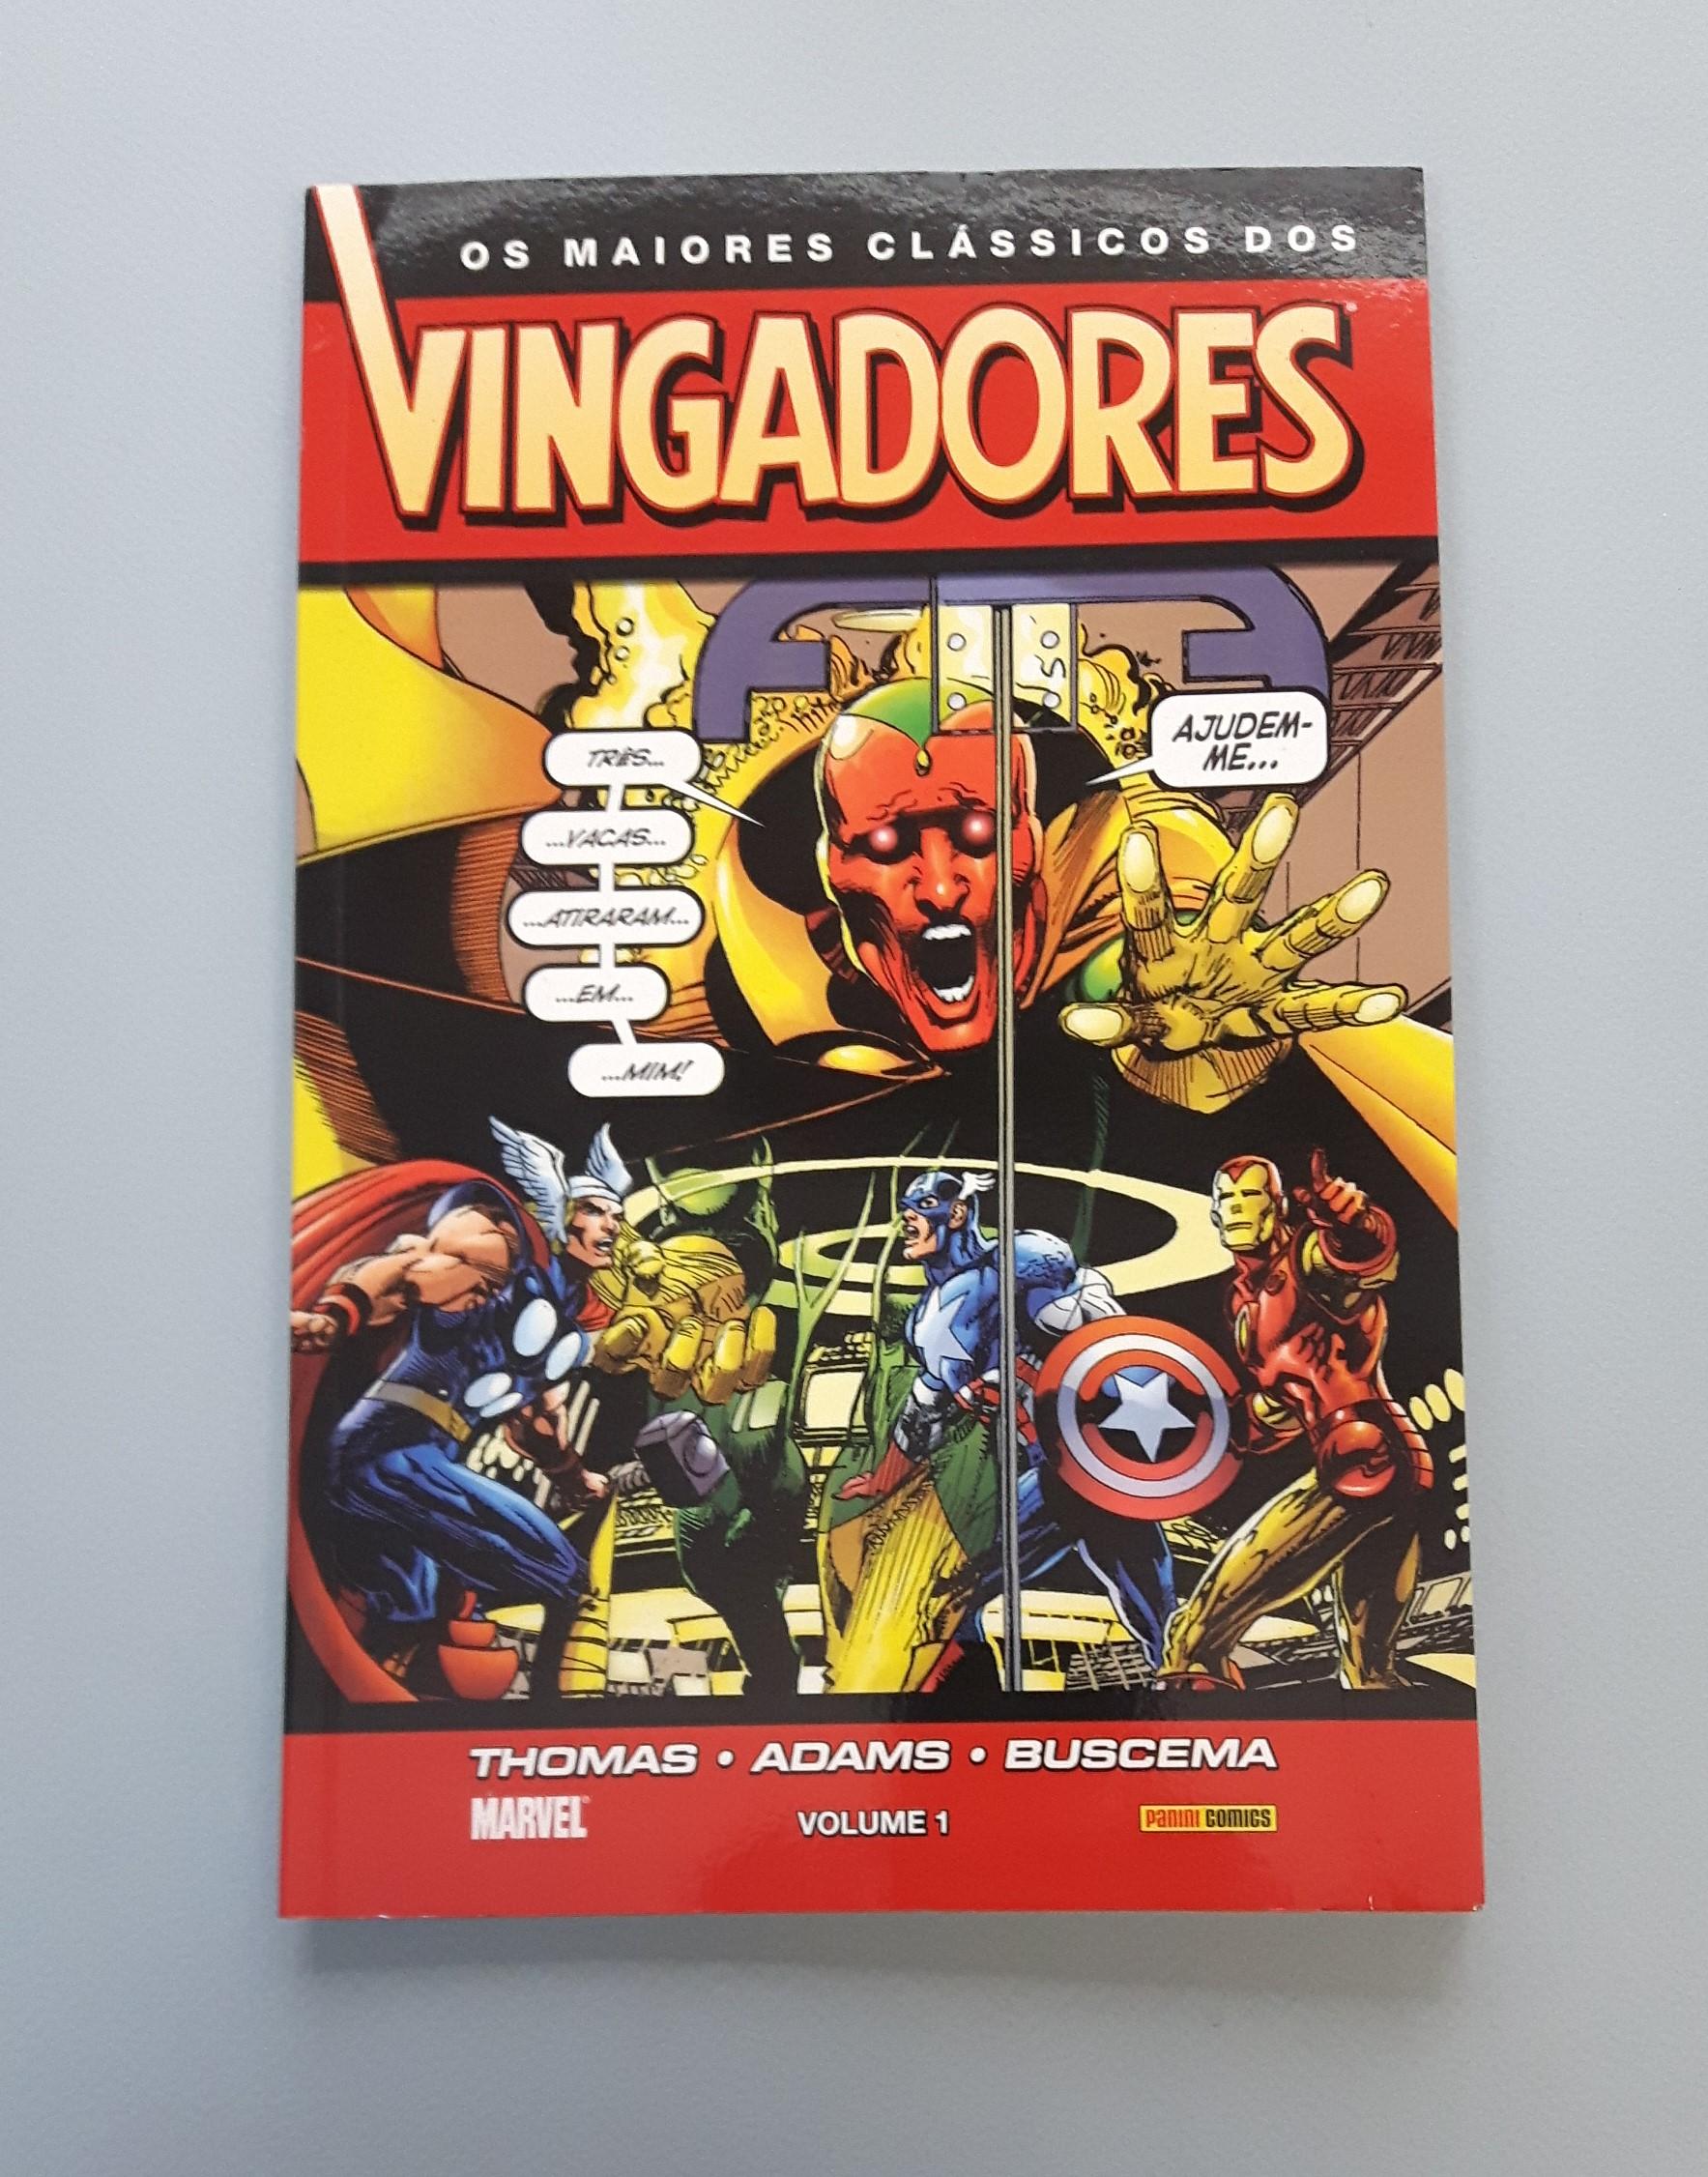 OS MAIORES CLÁSSICOS DOS VINGADORES #1